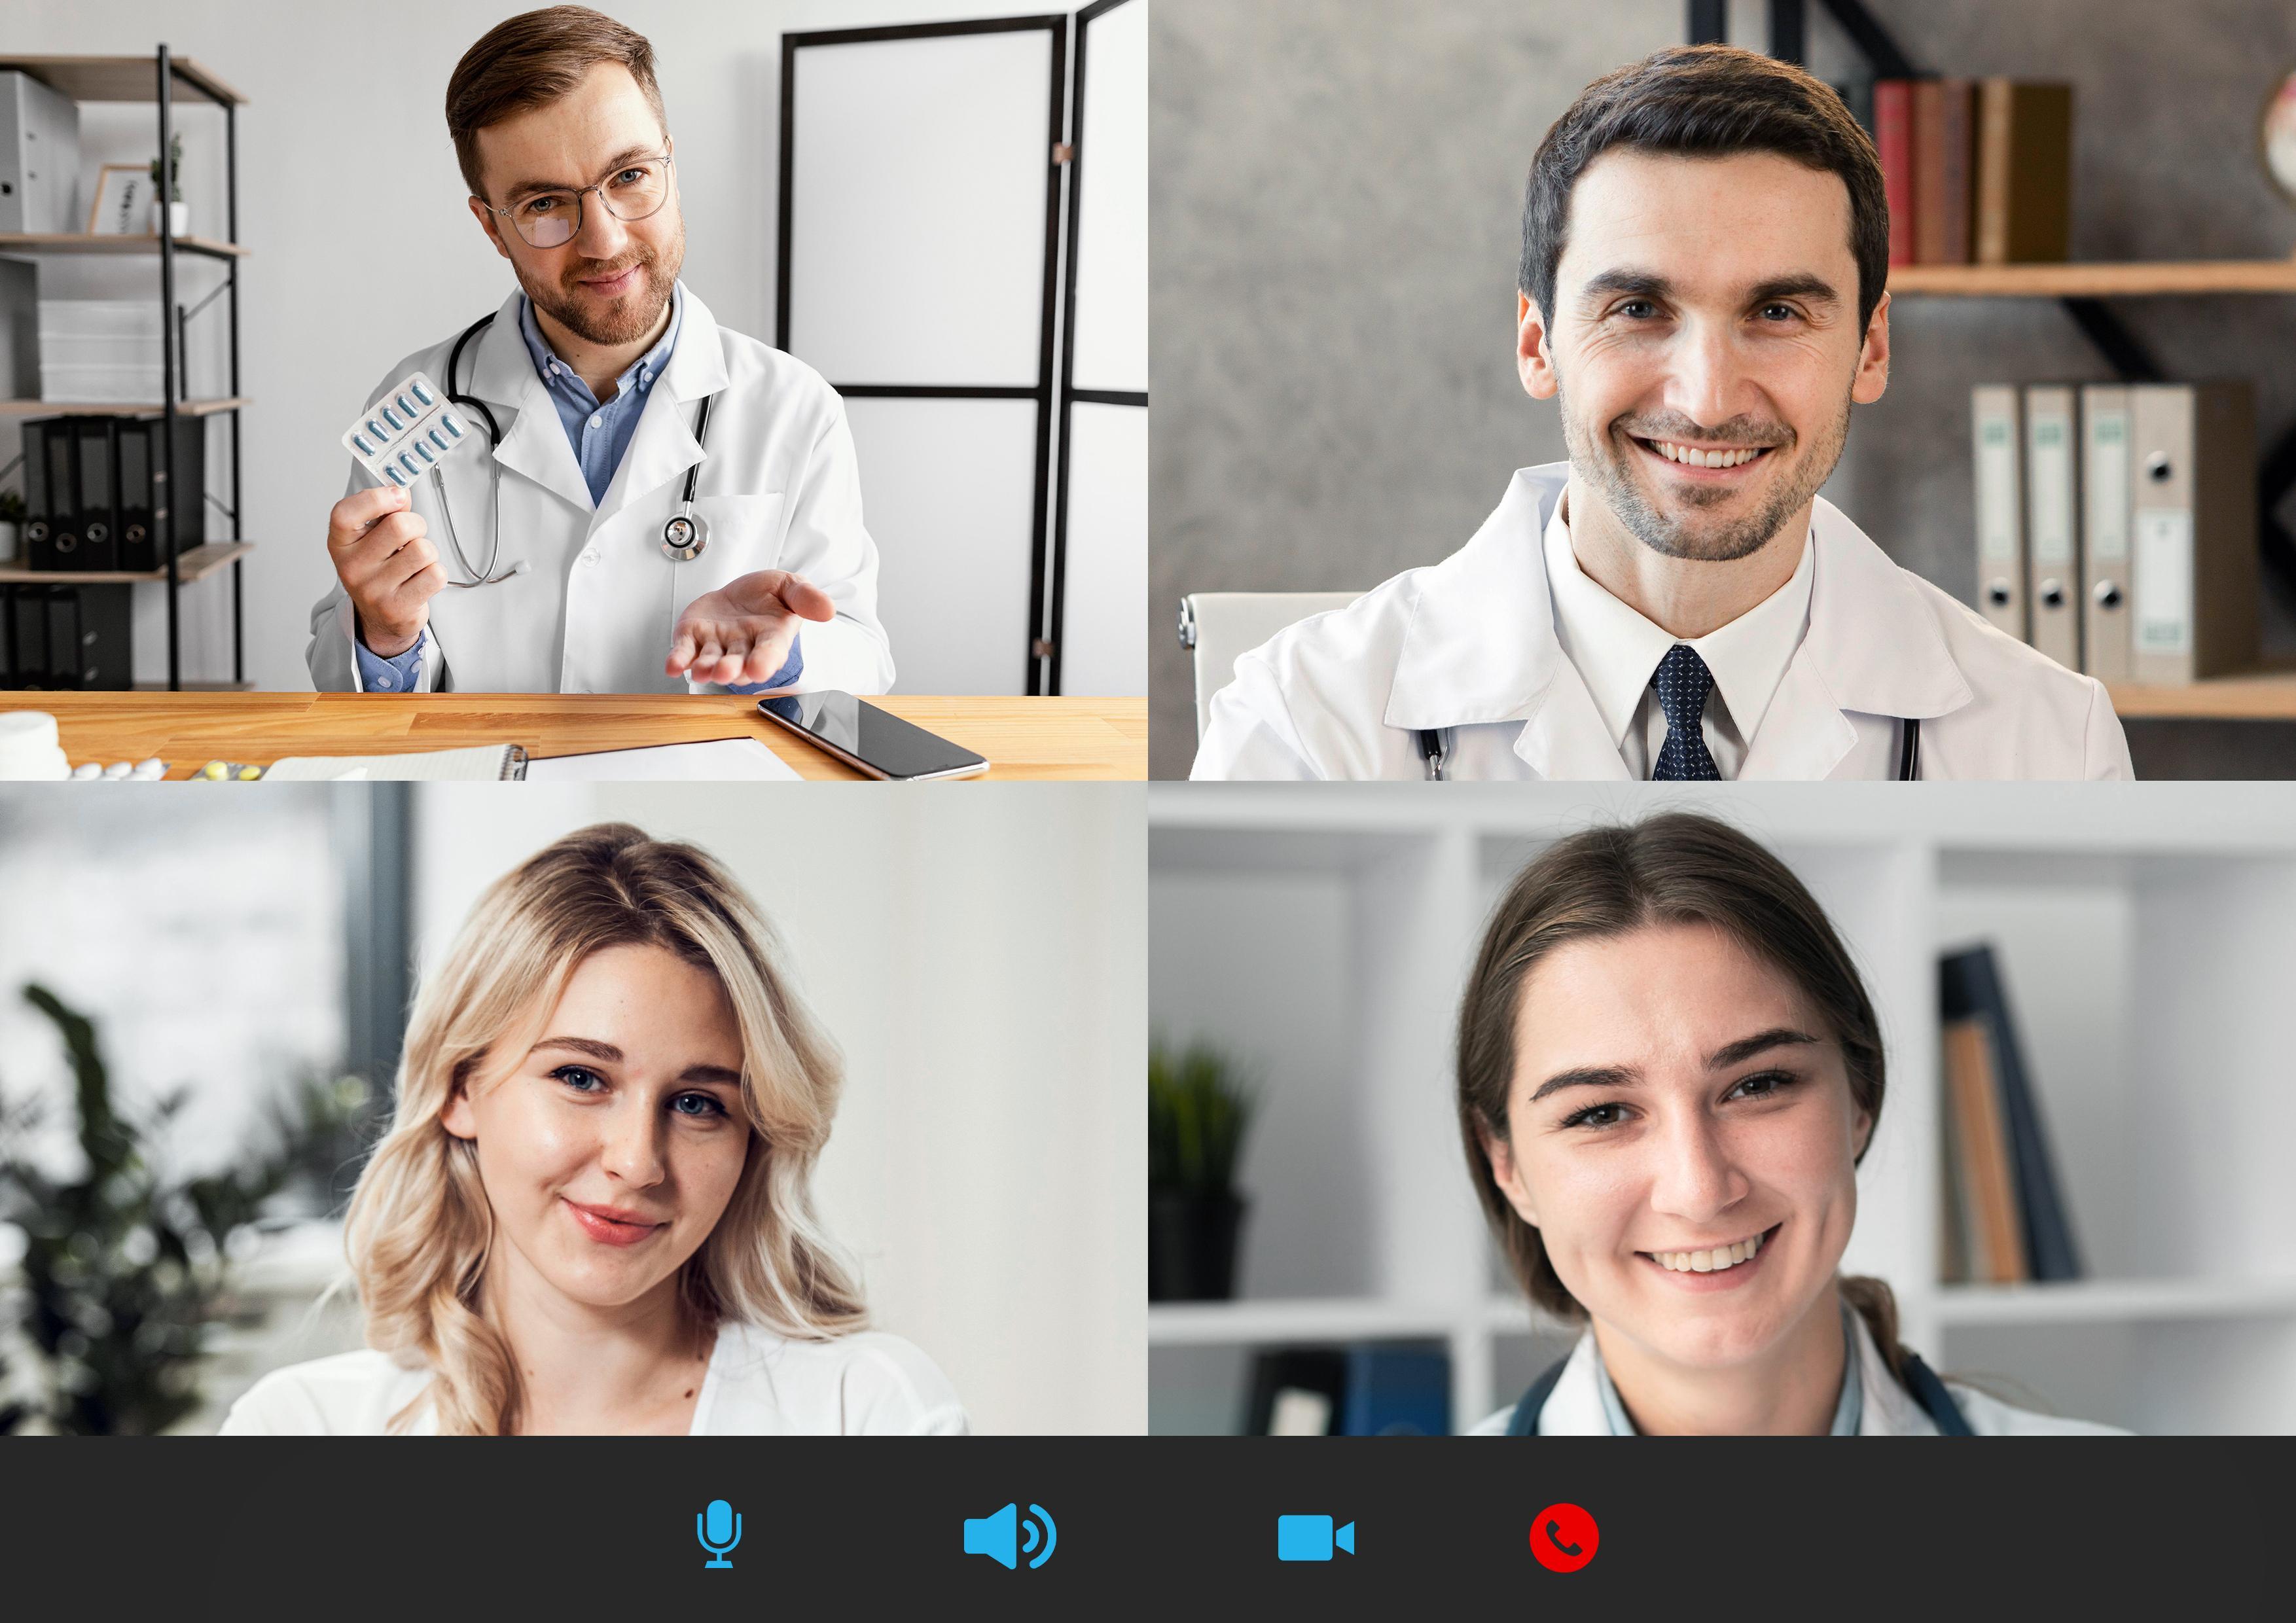 Telemedicina: confira dicas para um bom atendimento remoto